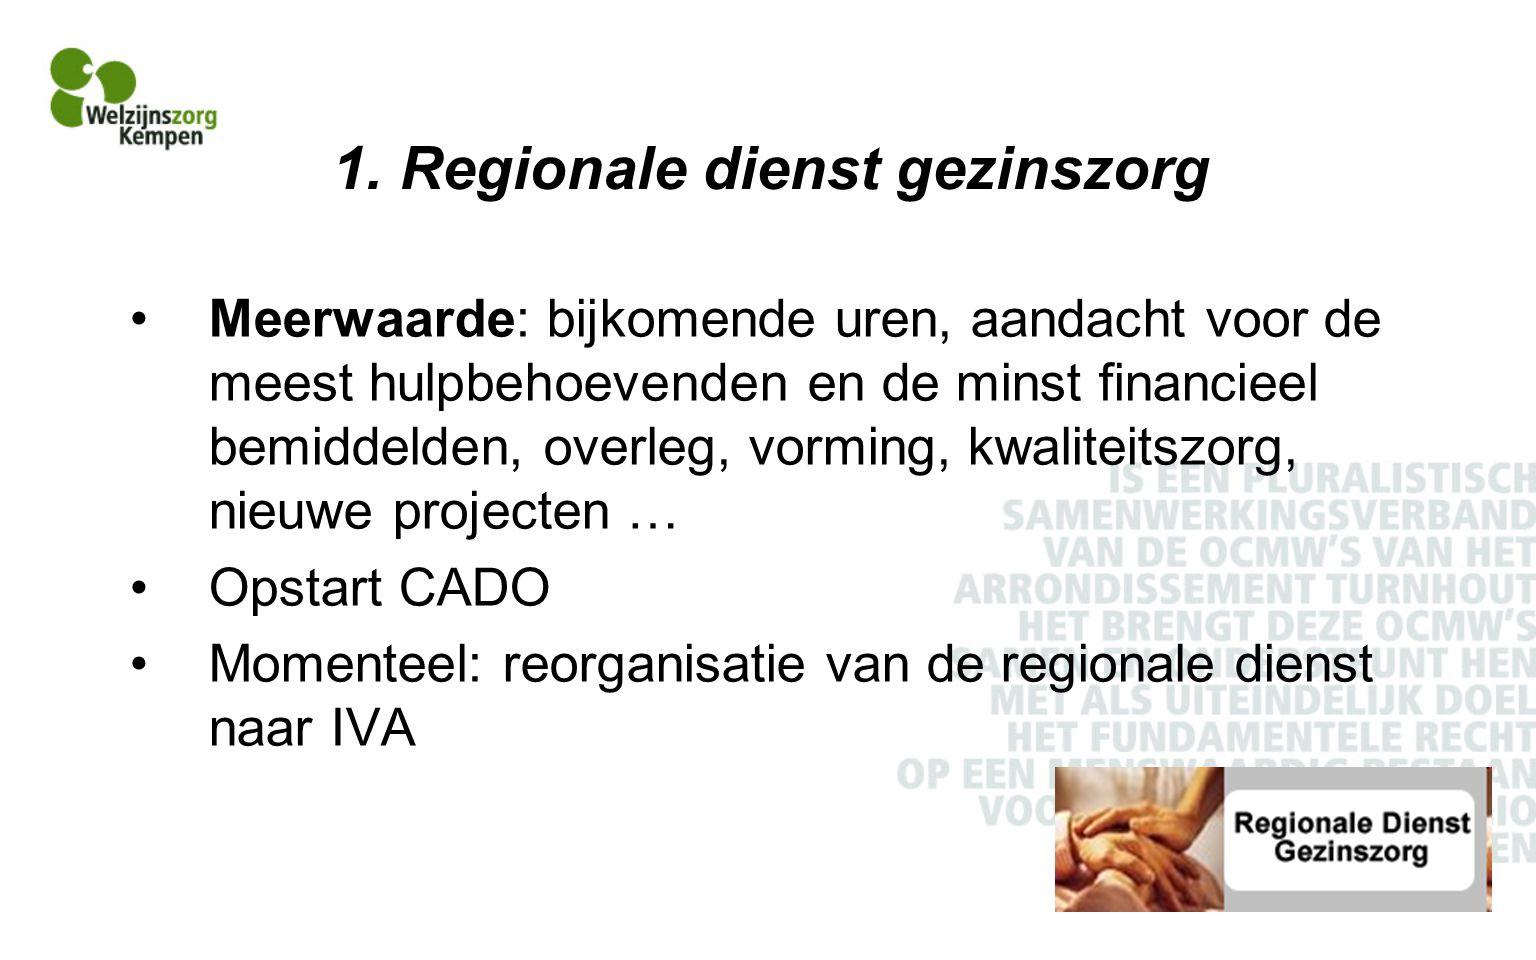 1. Regionale dienst gezinszorg